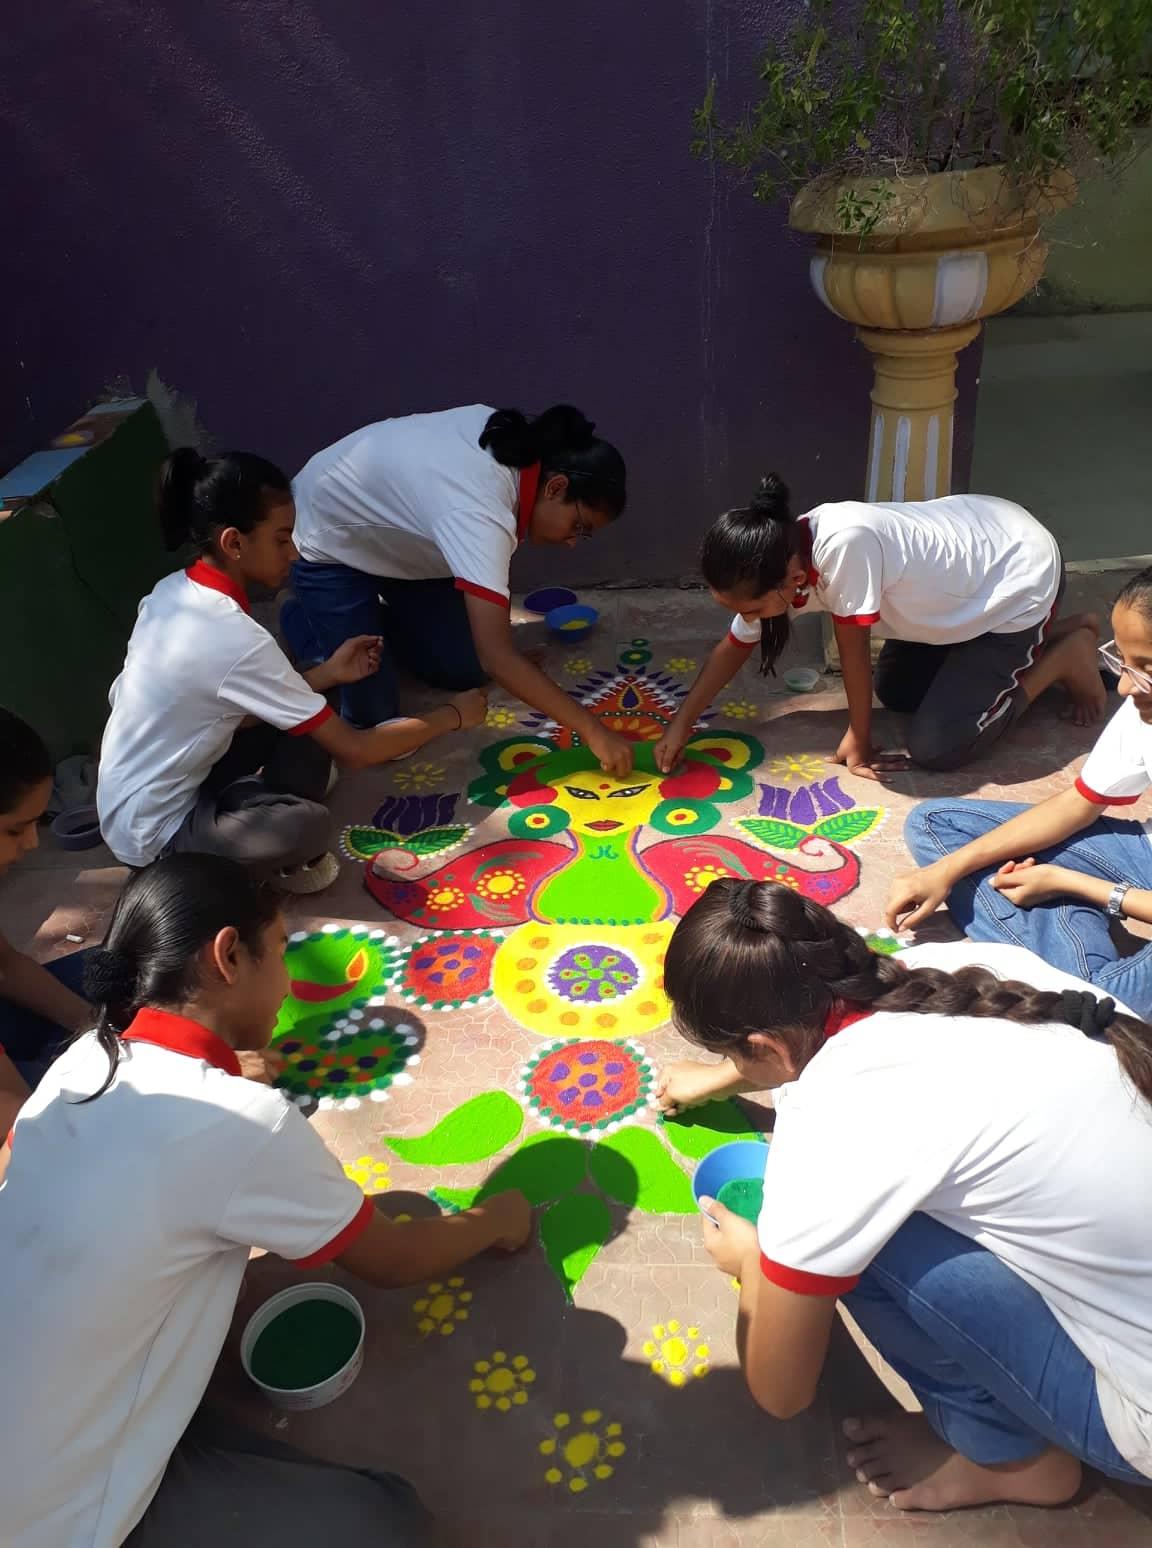 joyous festival of Diwali